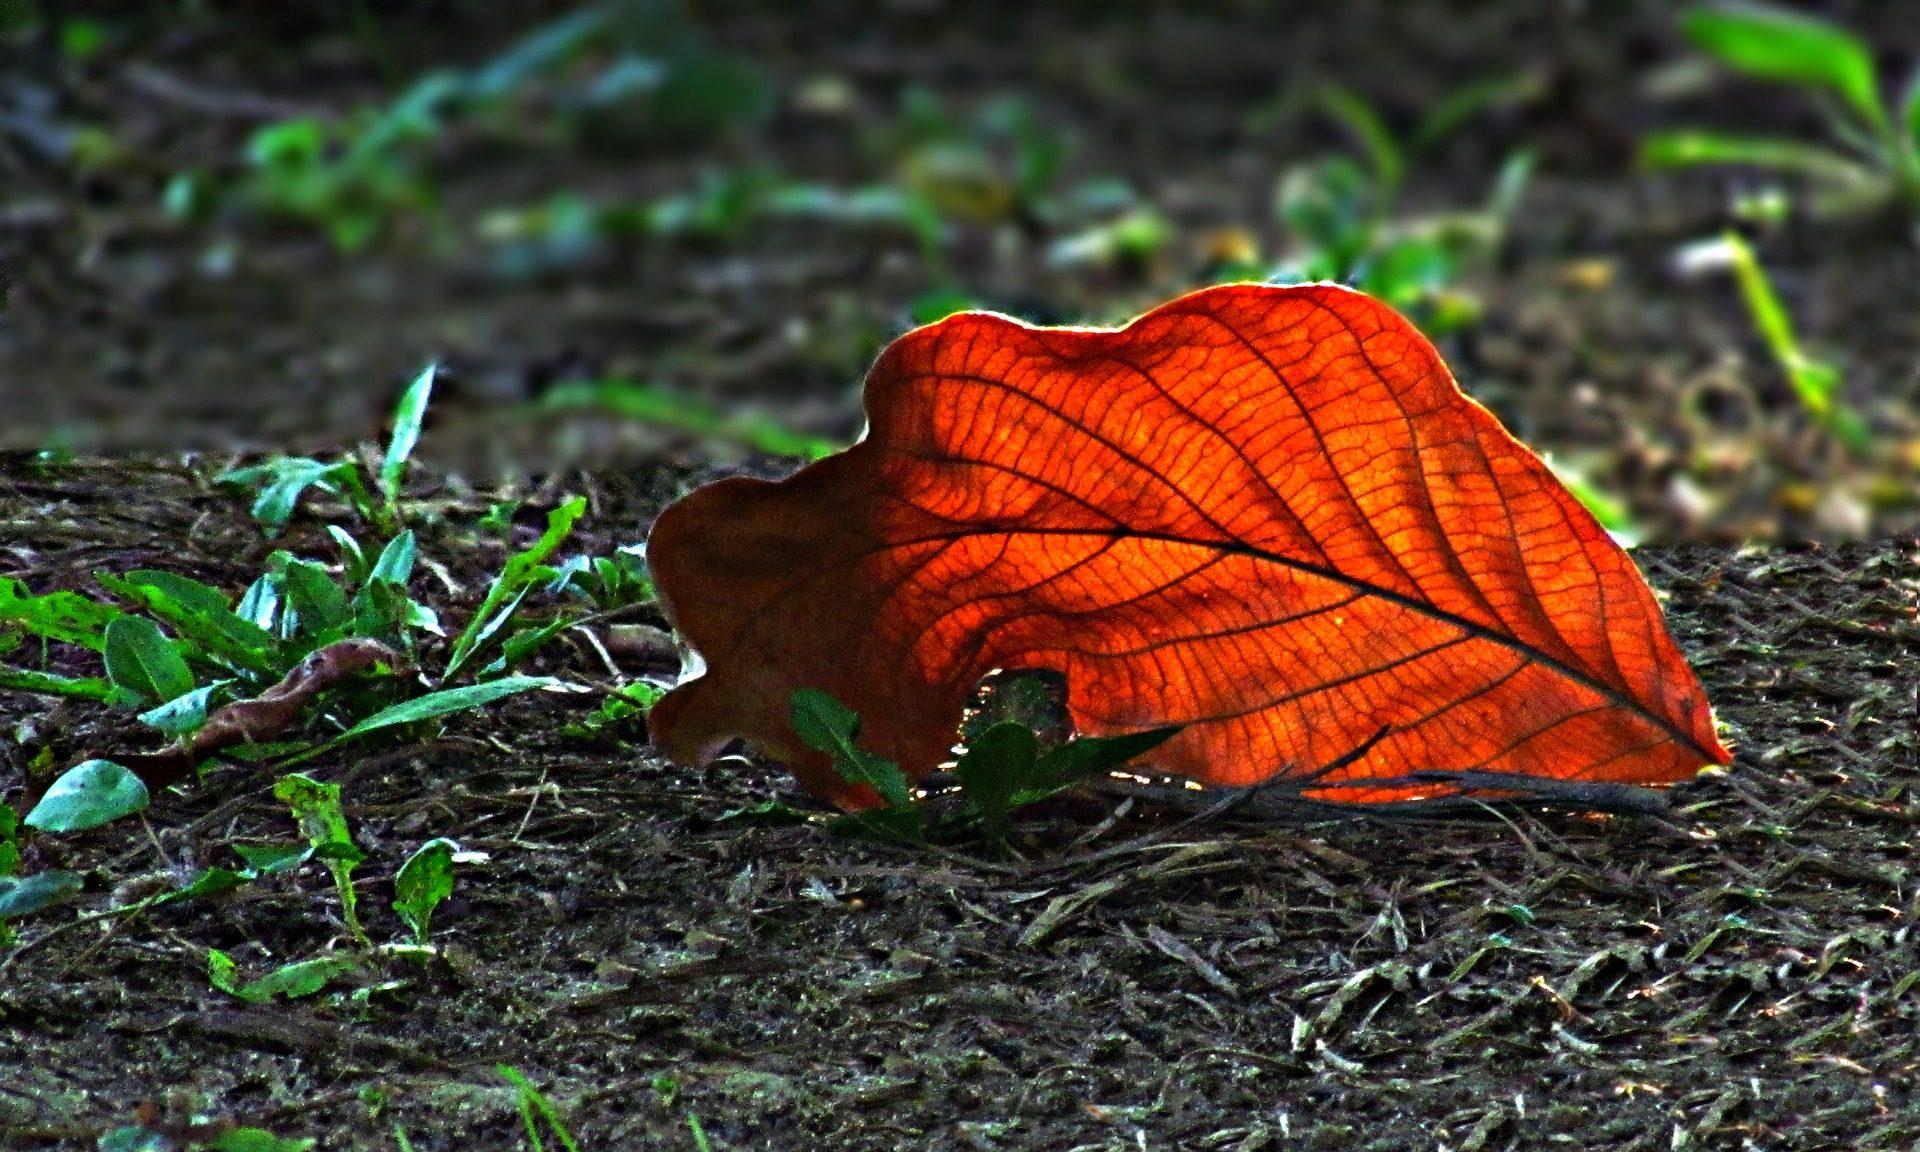 folha, folhas caídas, campo, grama, Terra, Outono - Papéis de parede HD - Professor-falken.com